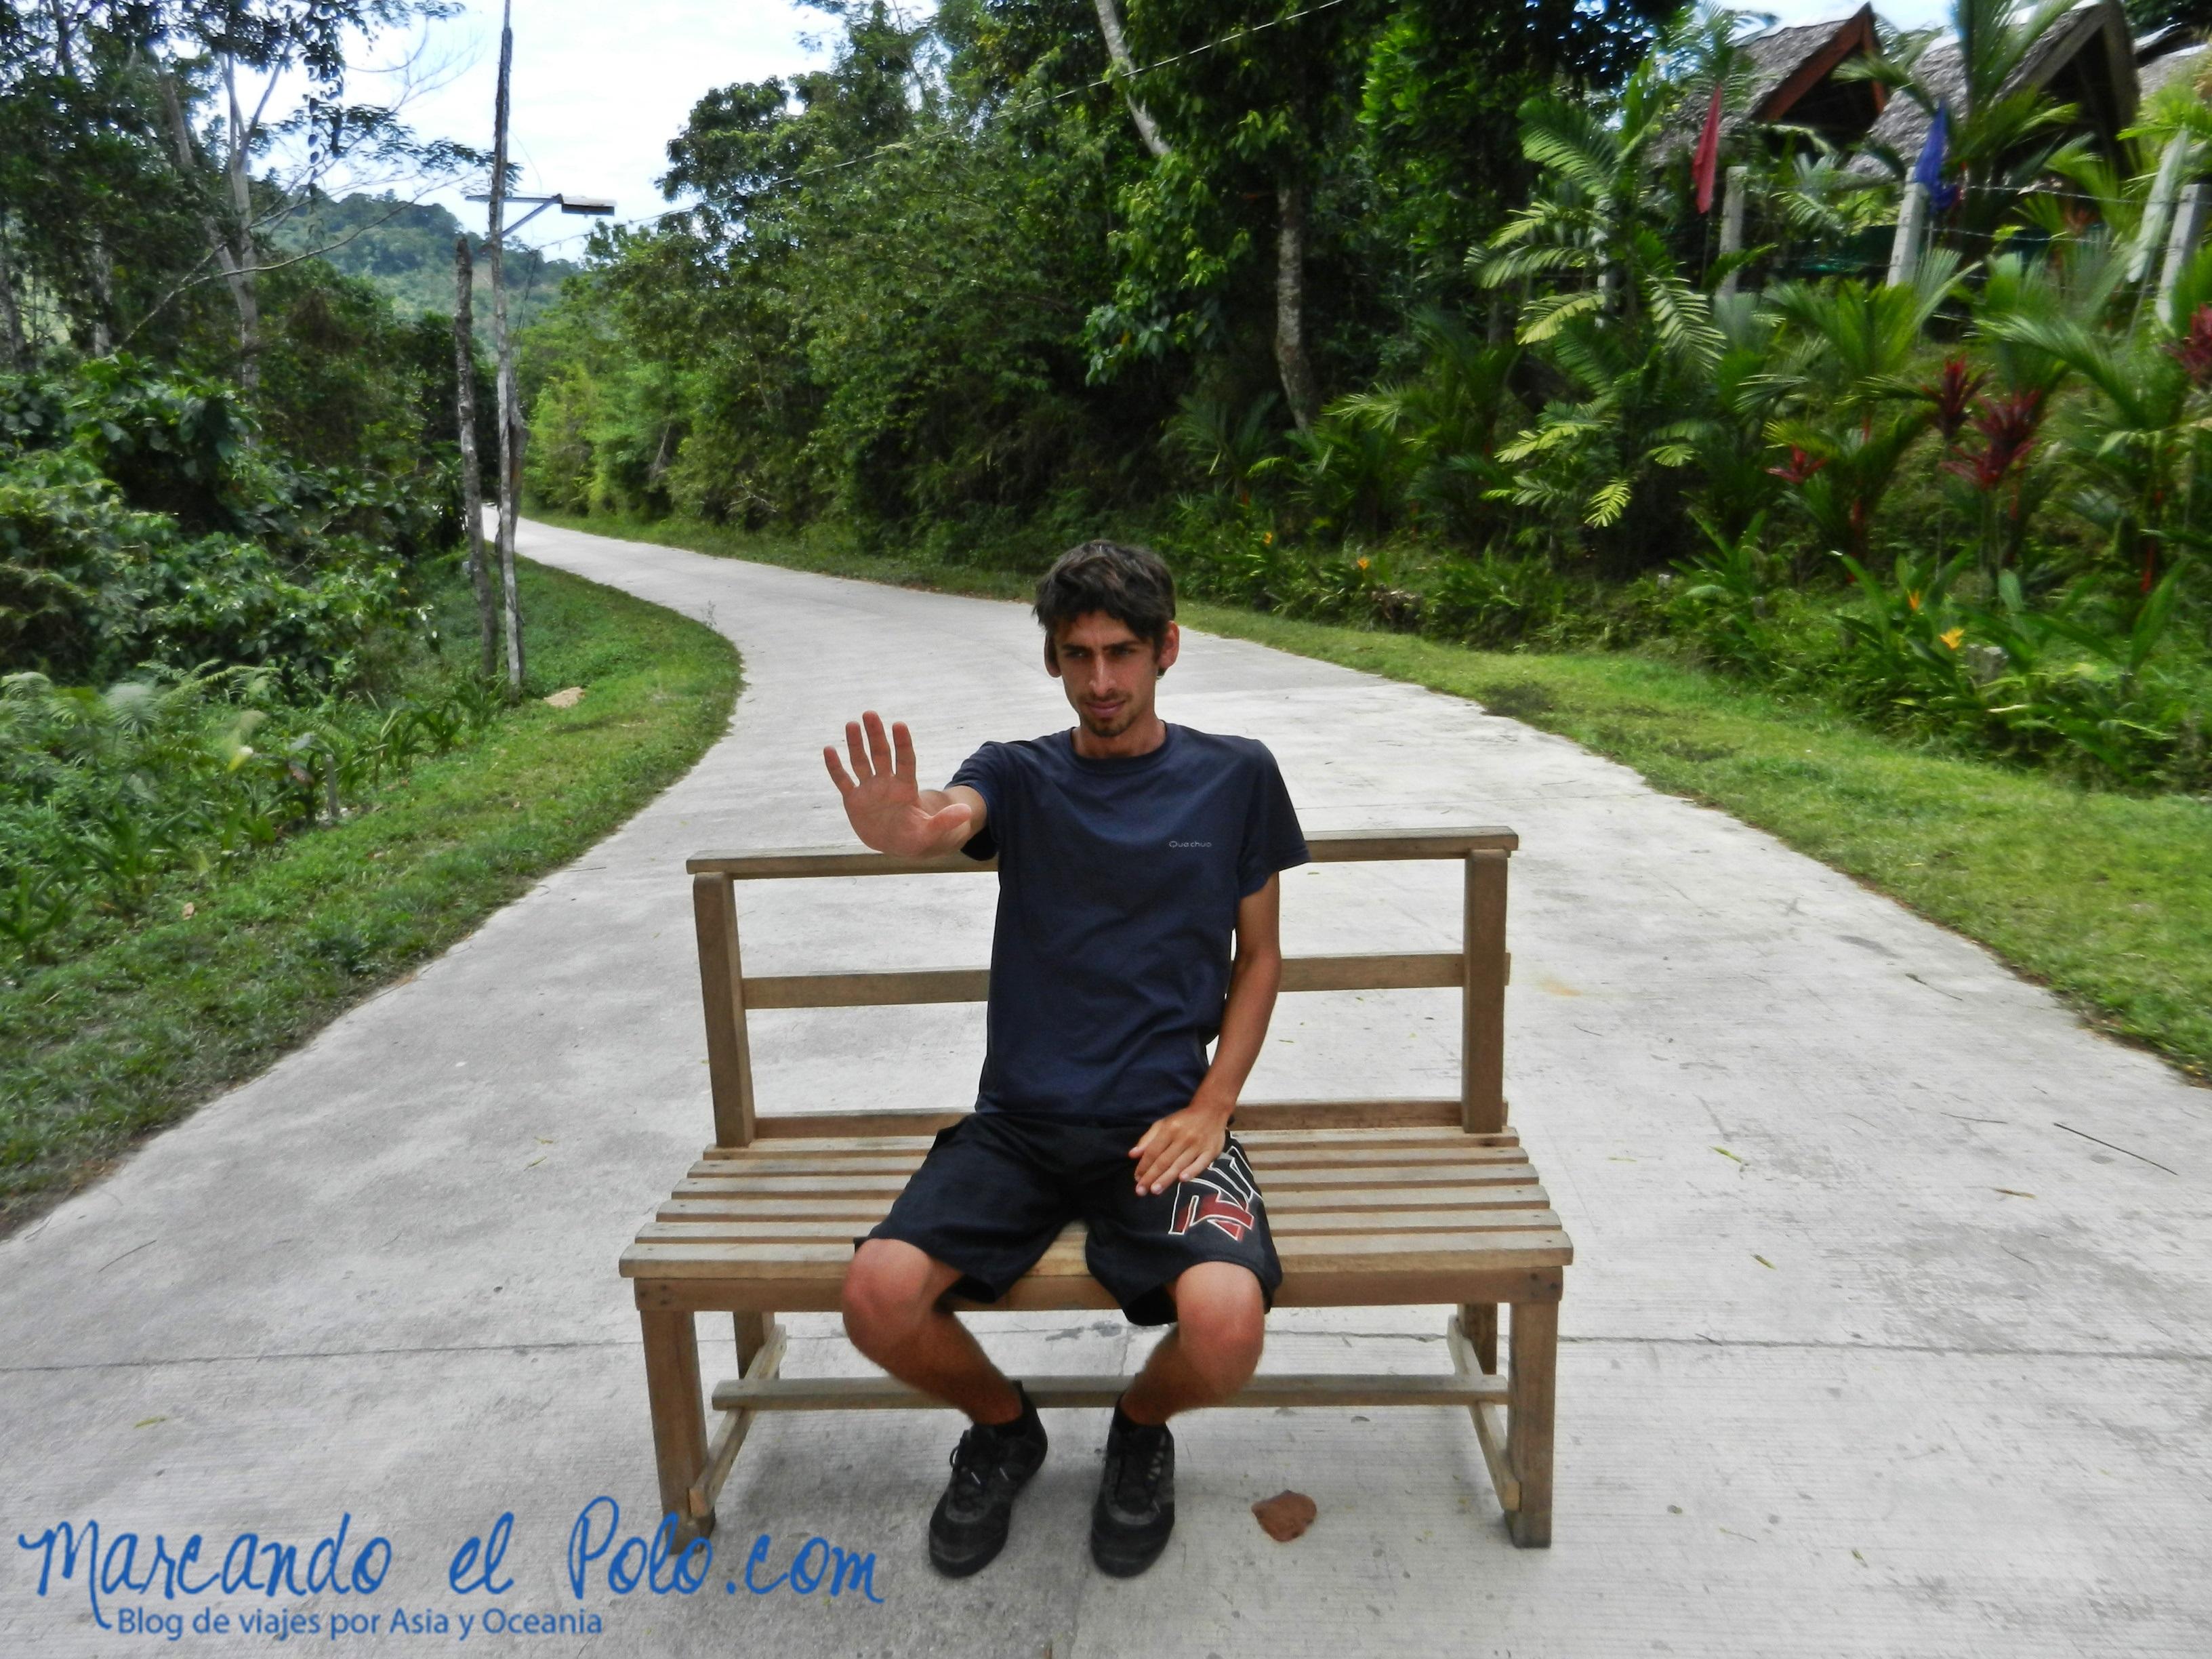 Viajar a dedo en Filipinas: no para nadie